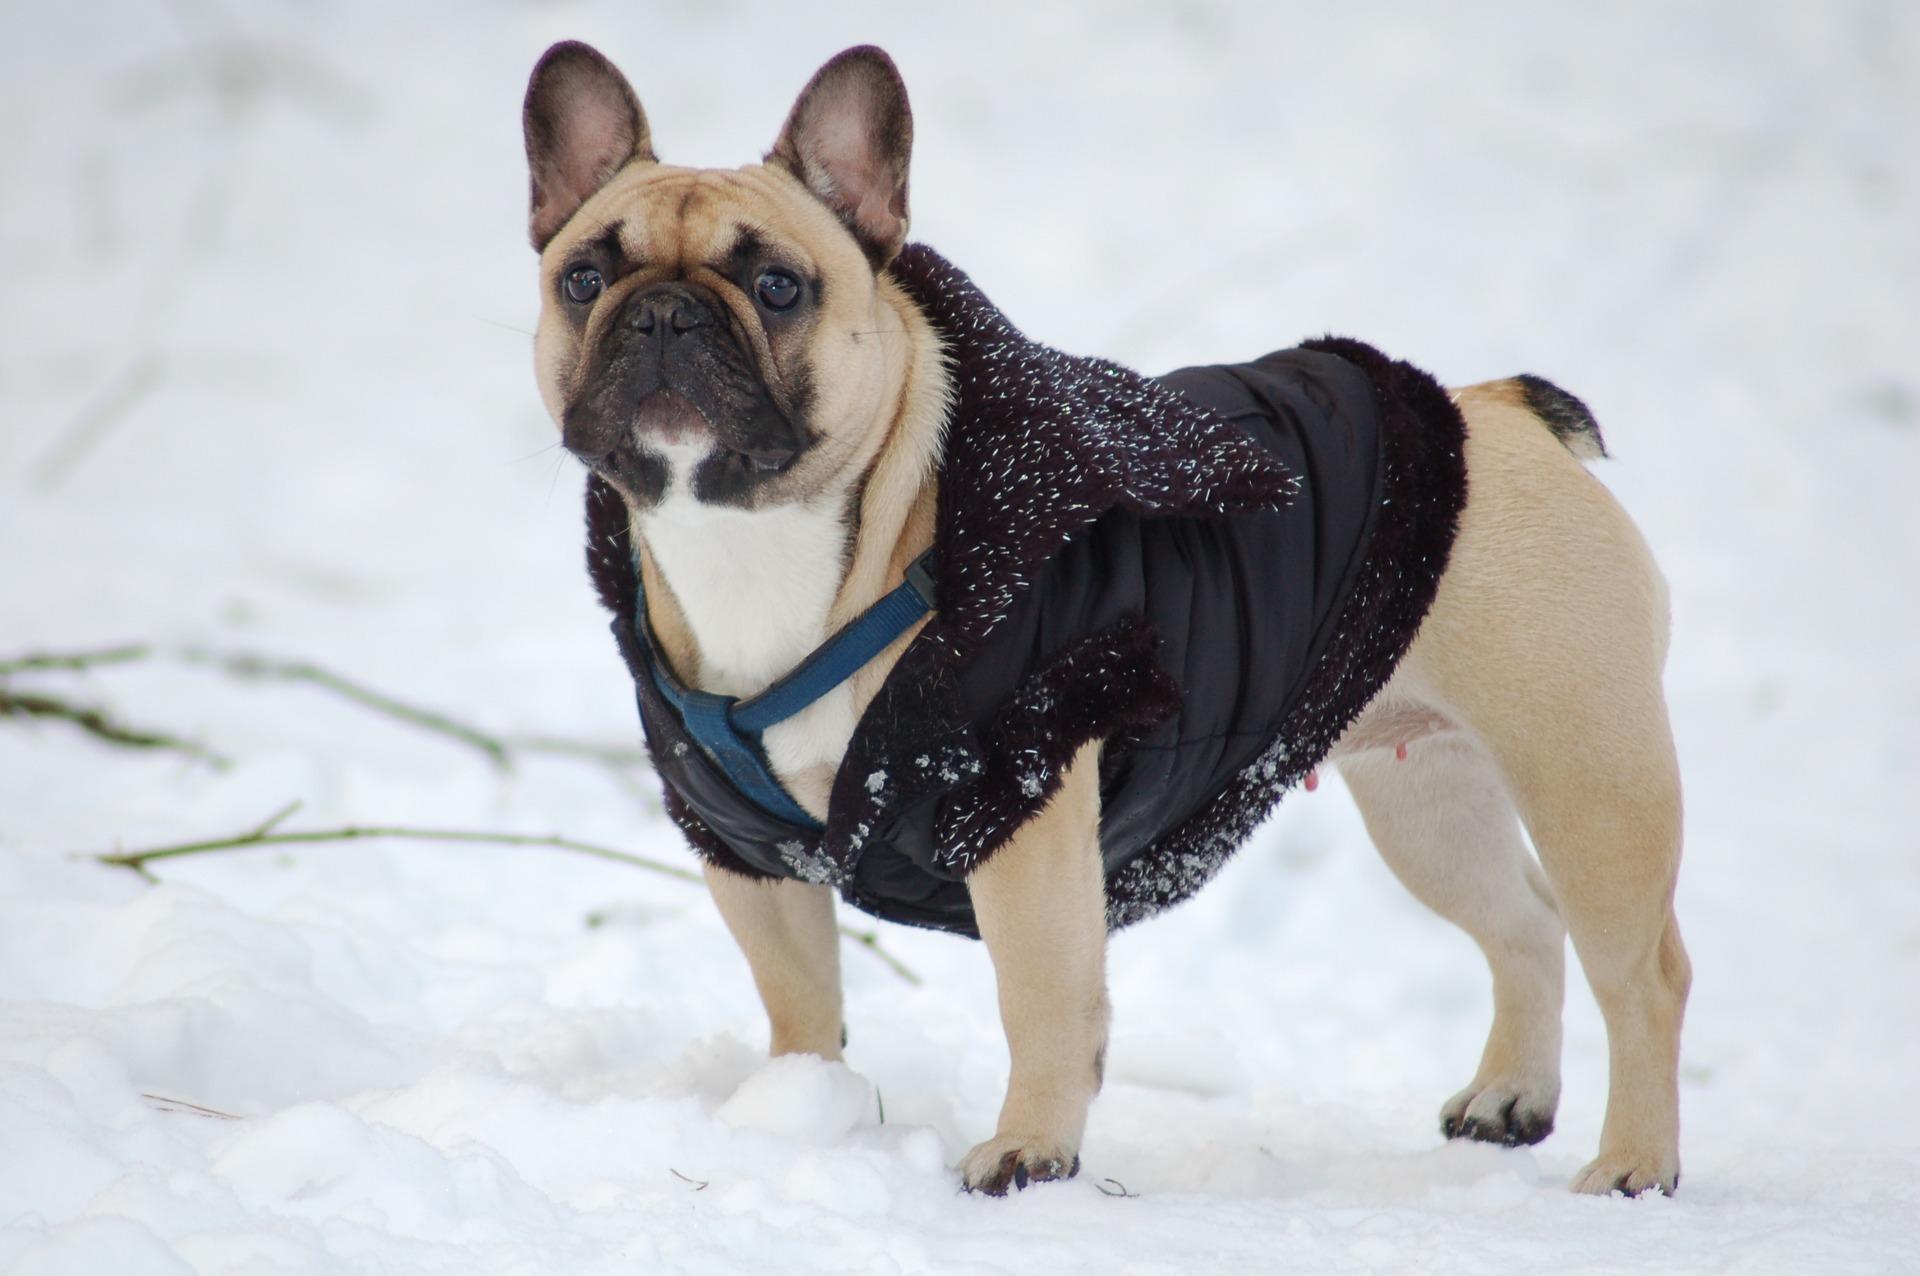 bulldog-16363461920-1607341275.jpg